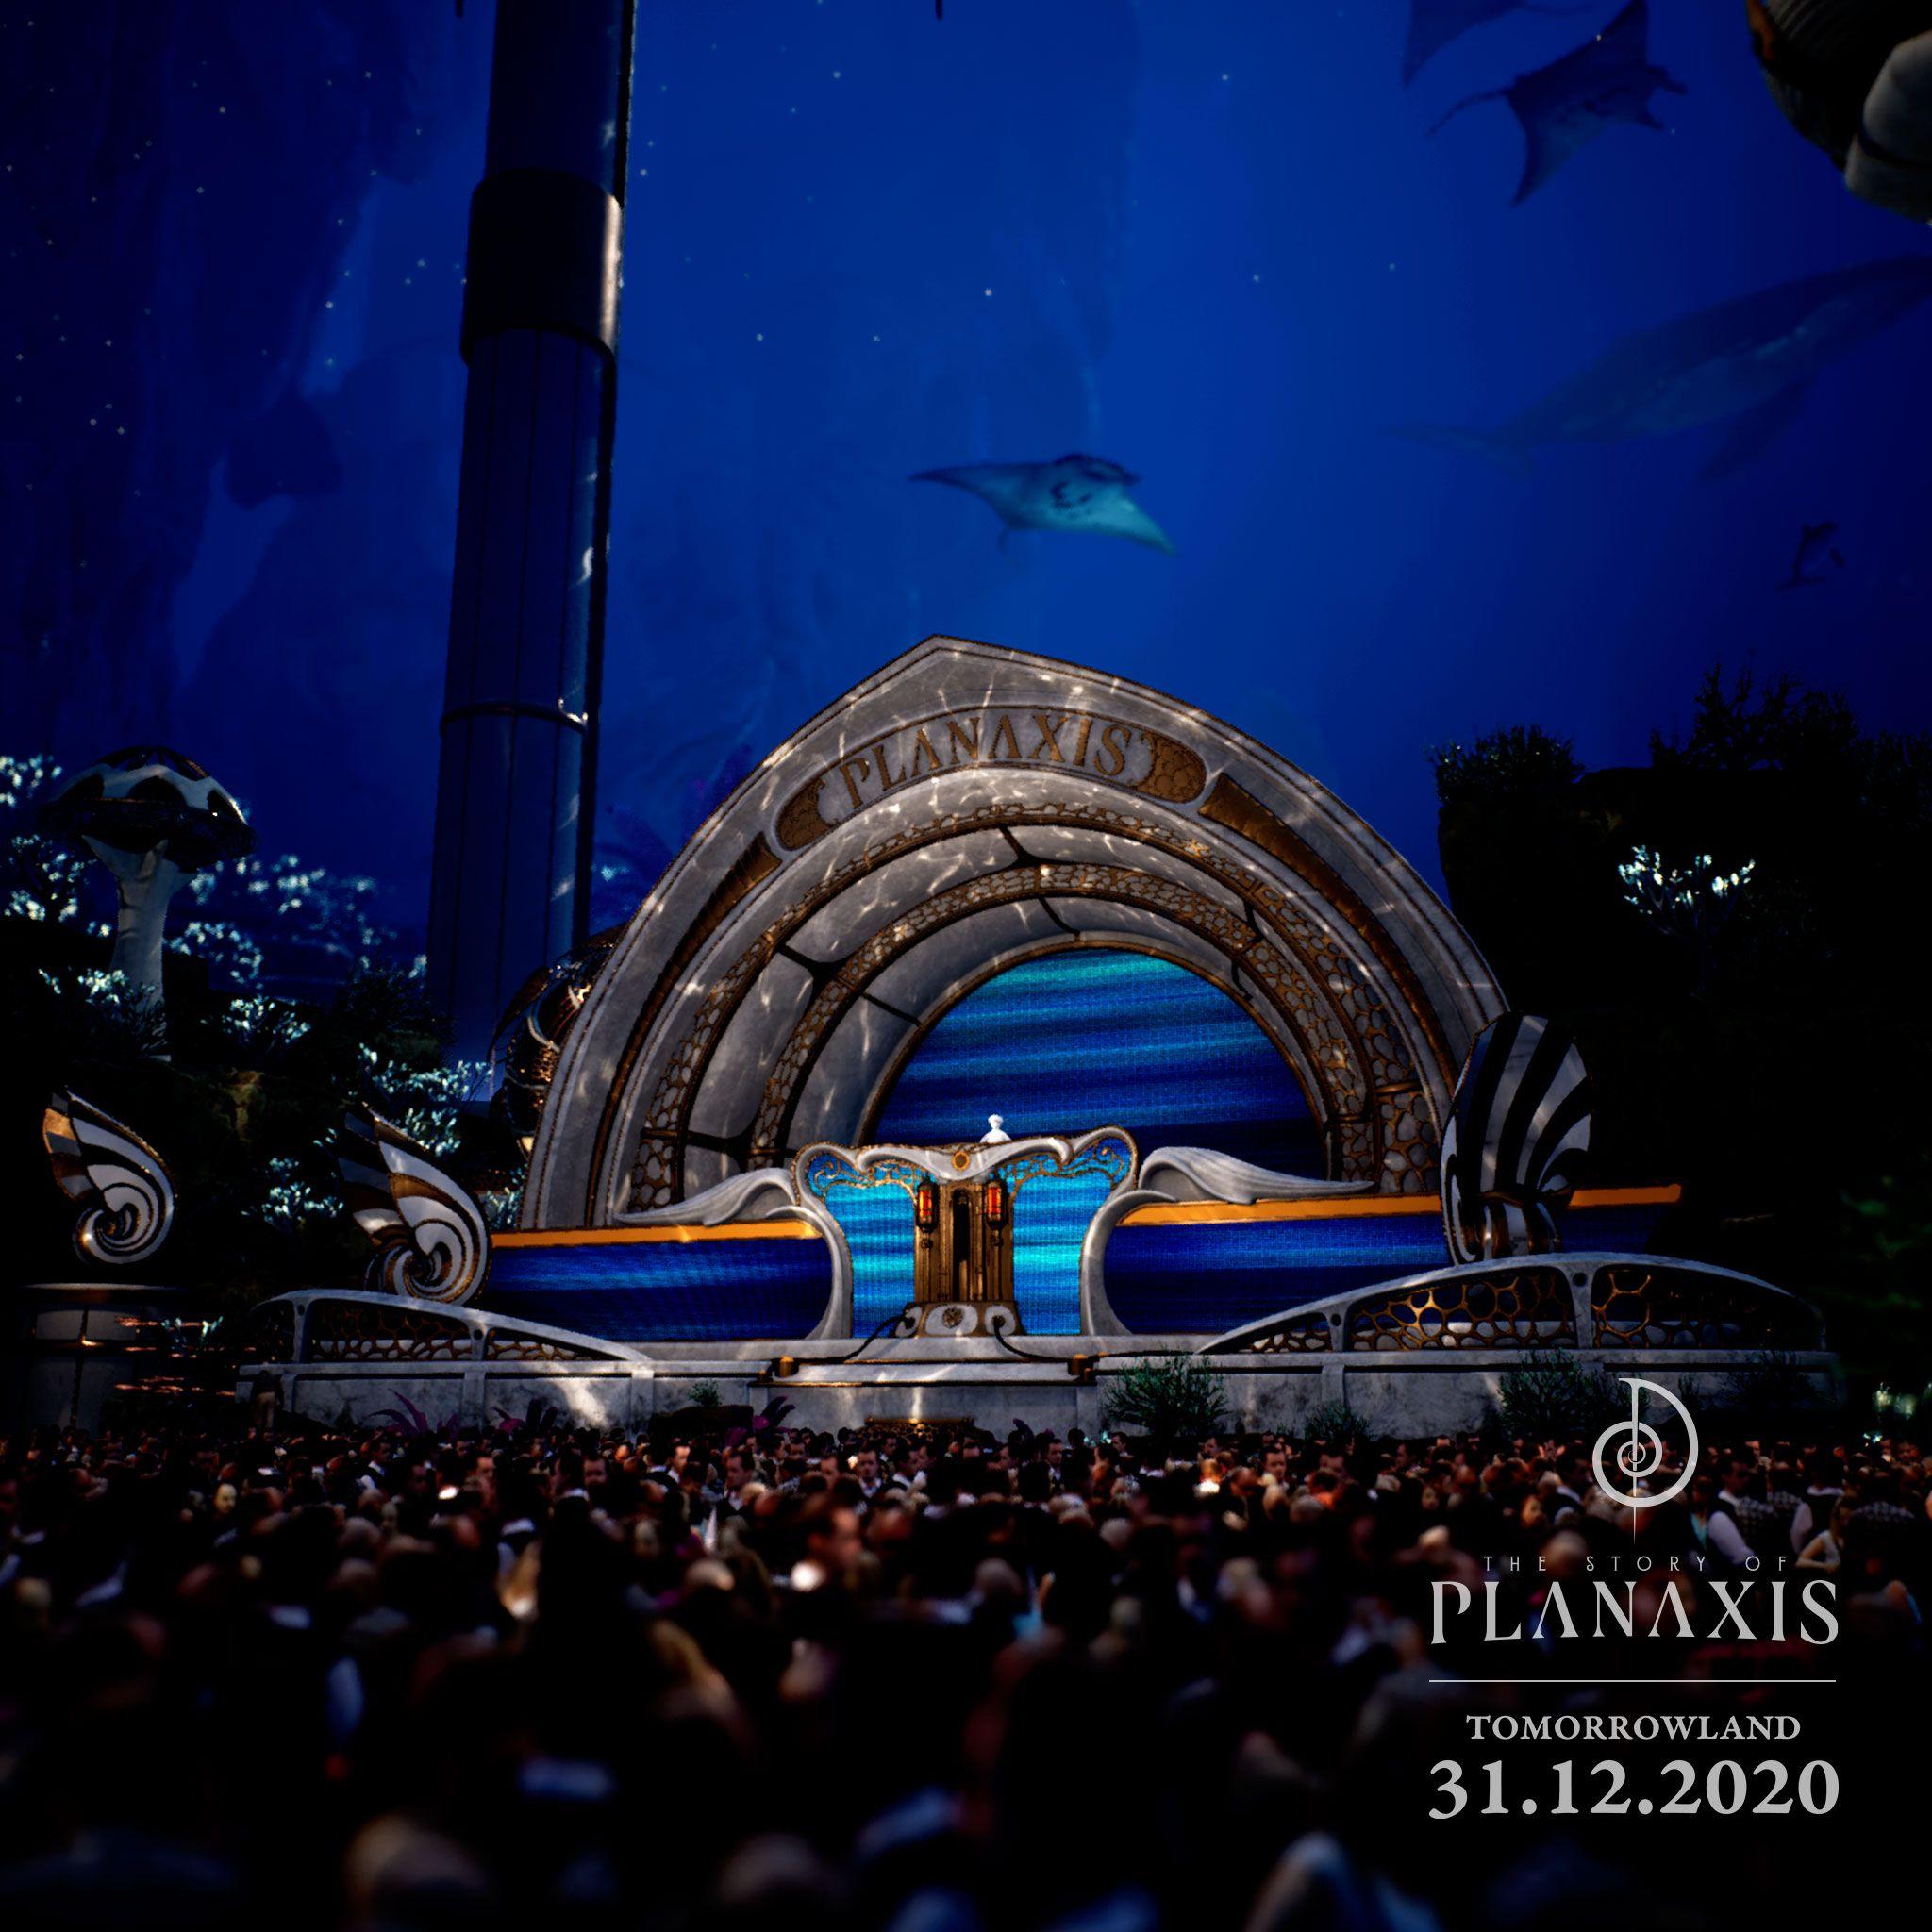 Escenario Planaxis Tomorrowland 31.1.2020